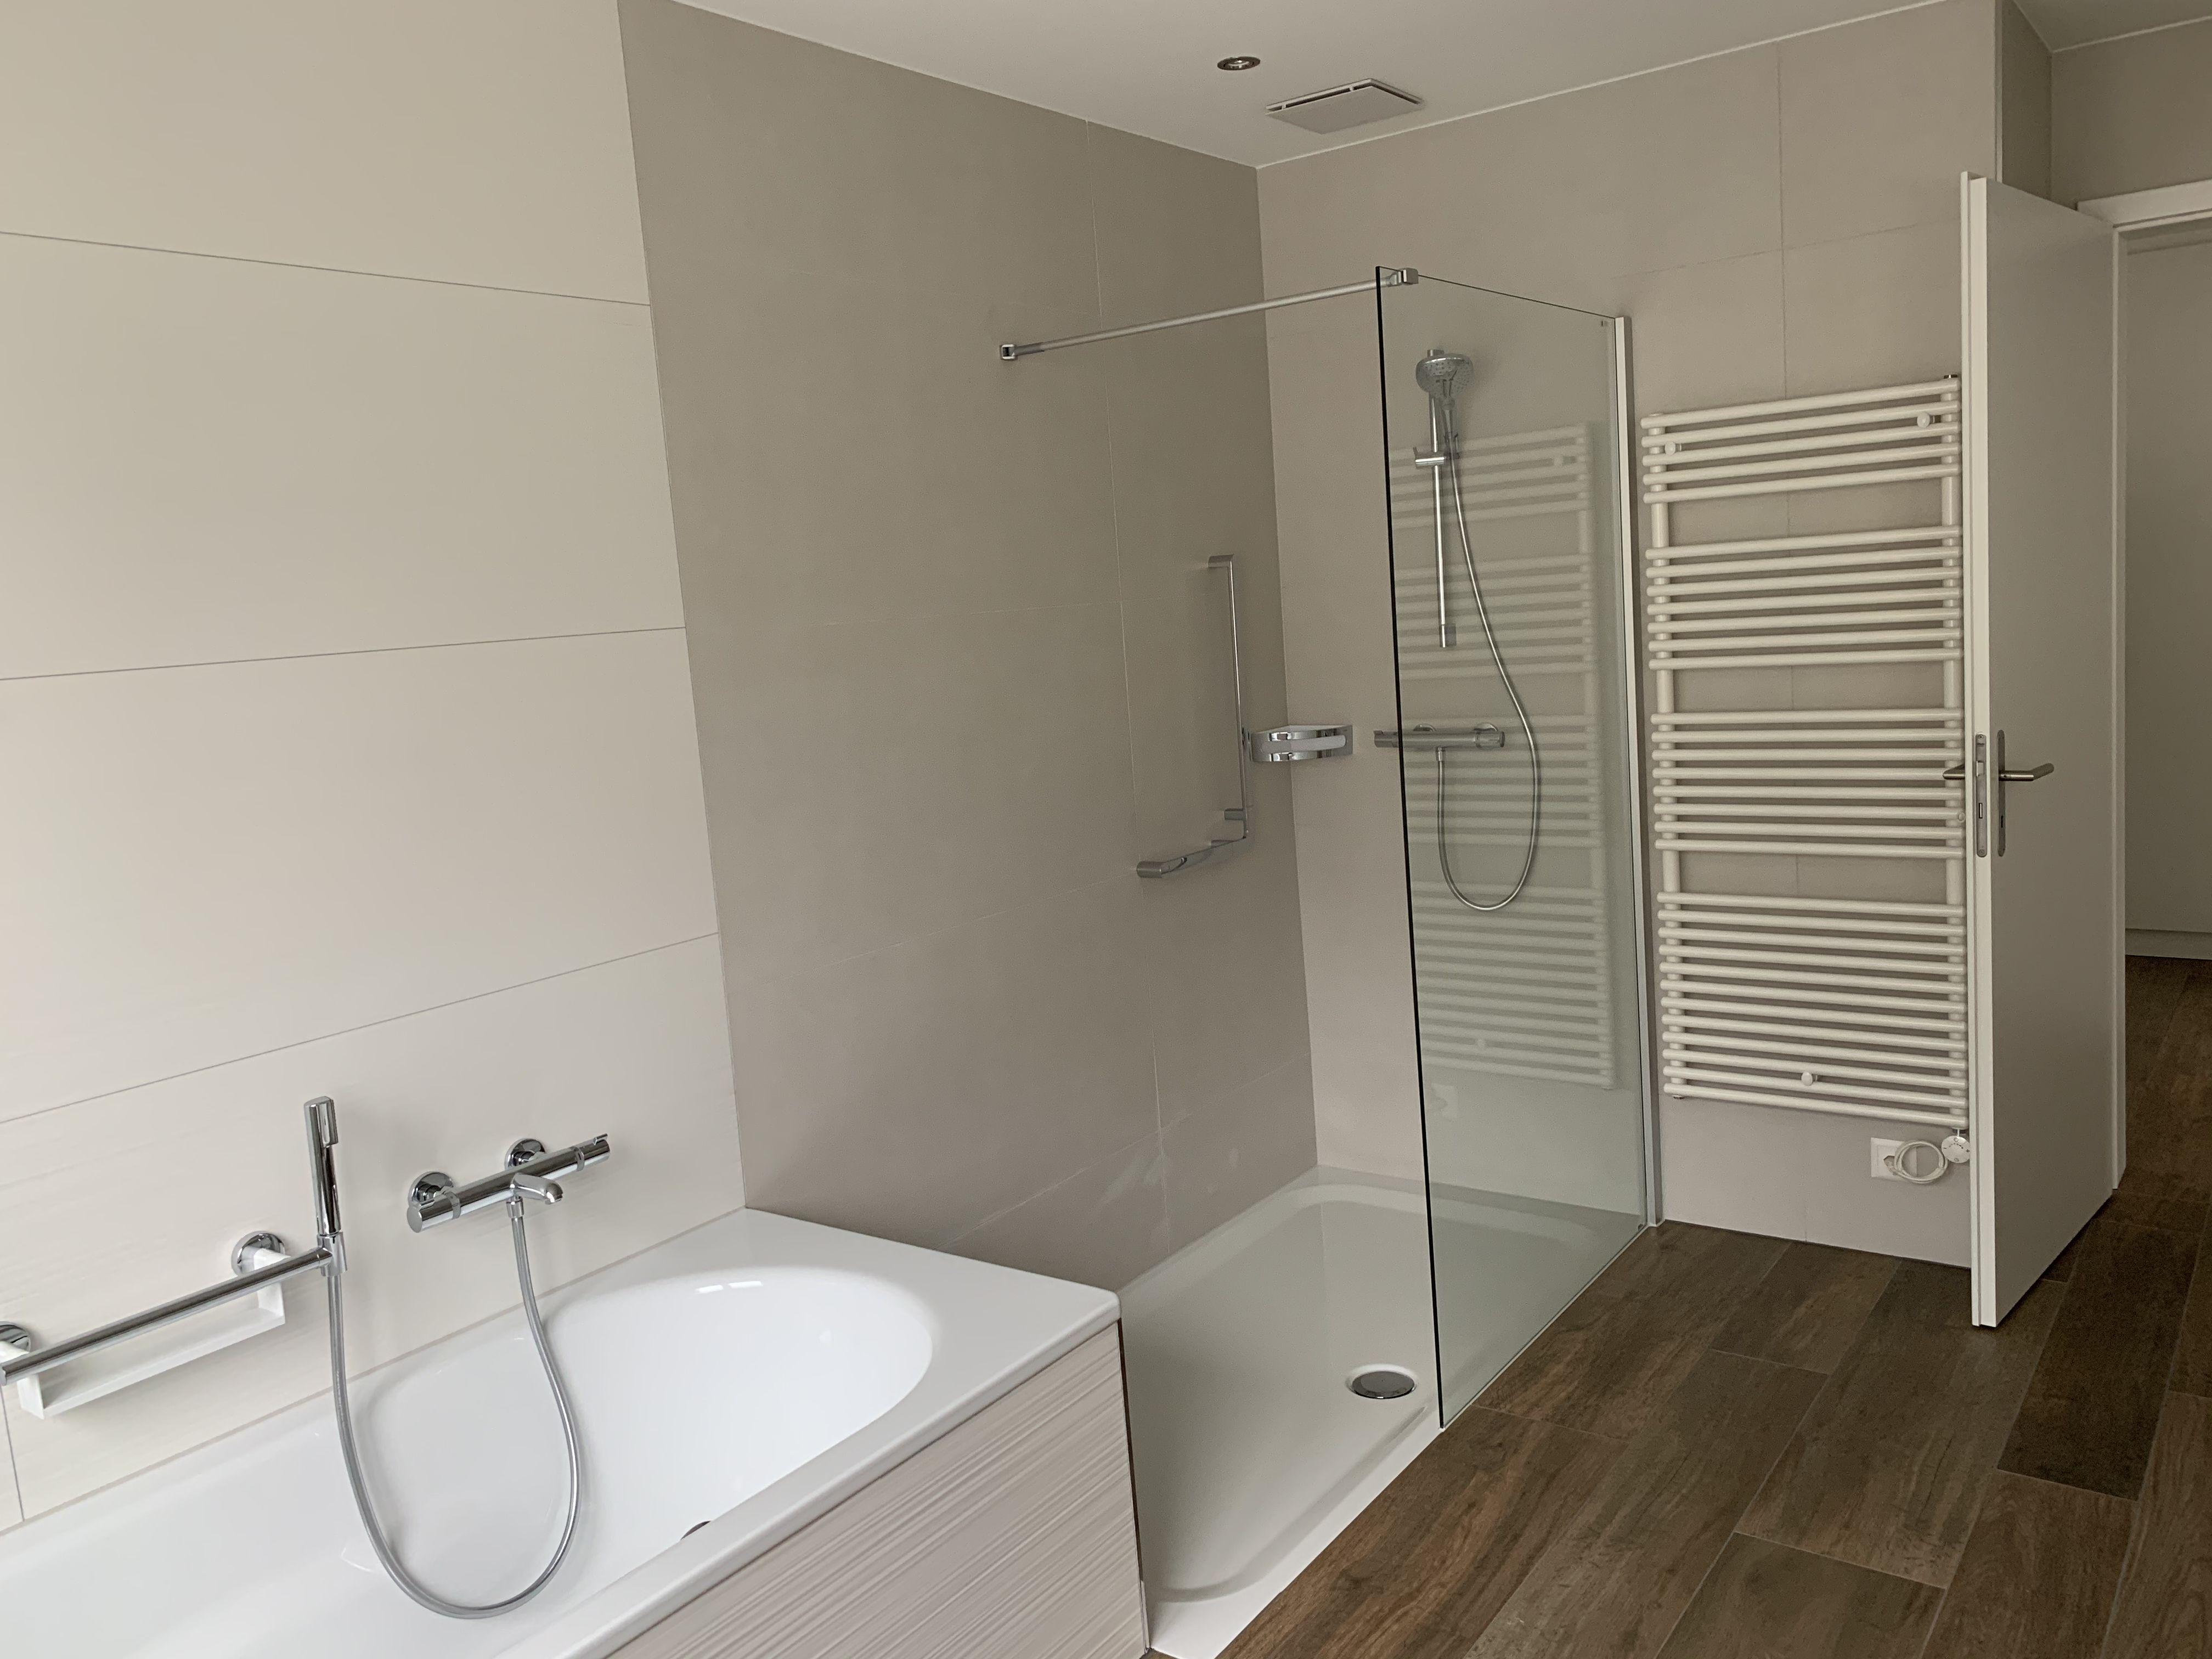 Feinsteinzeug In 2020 Moderne Badezimmermobel Plattenwande Badausstellung